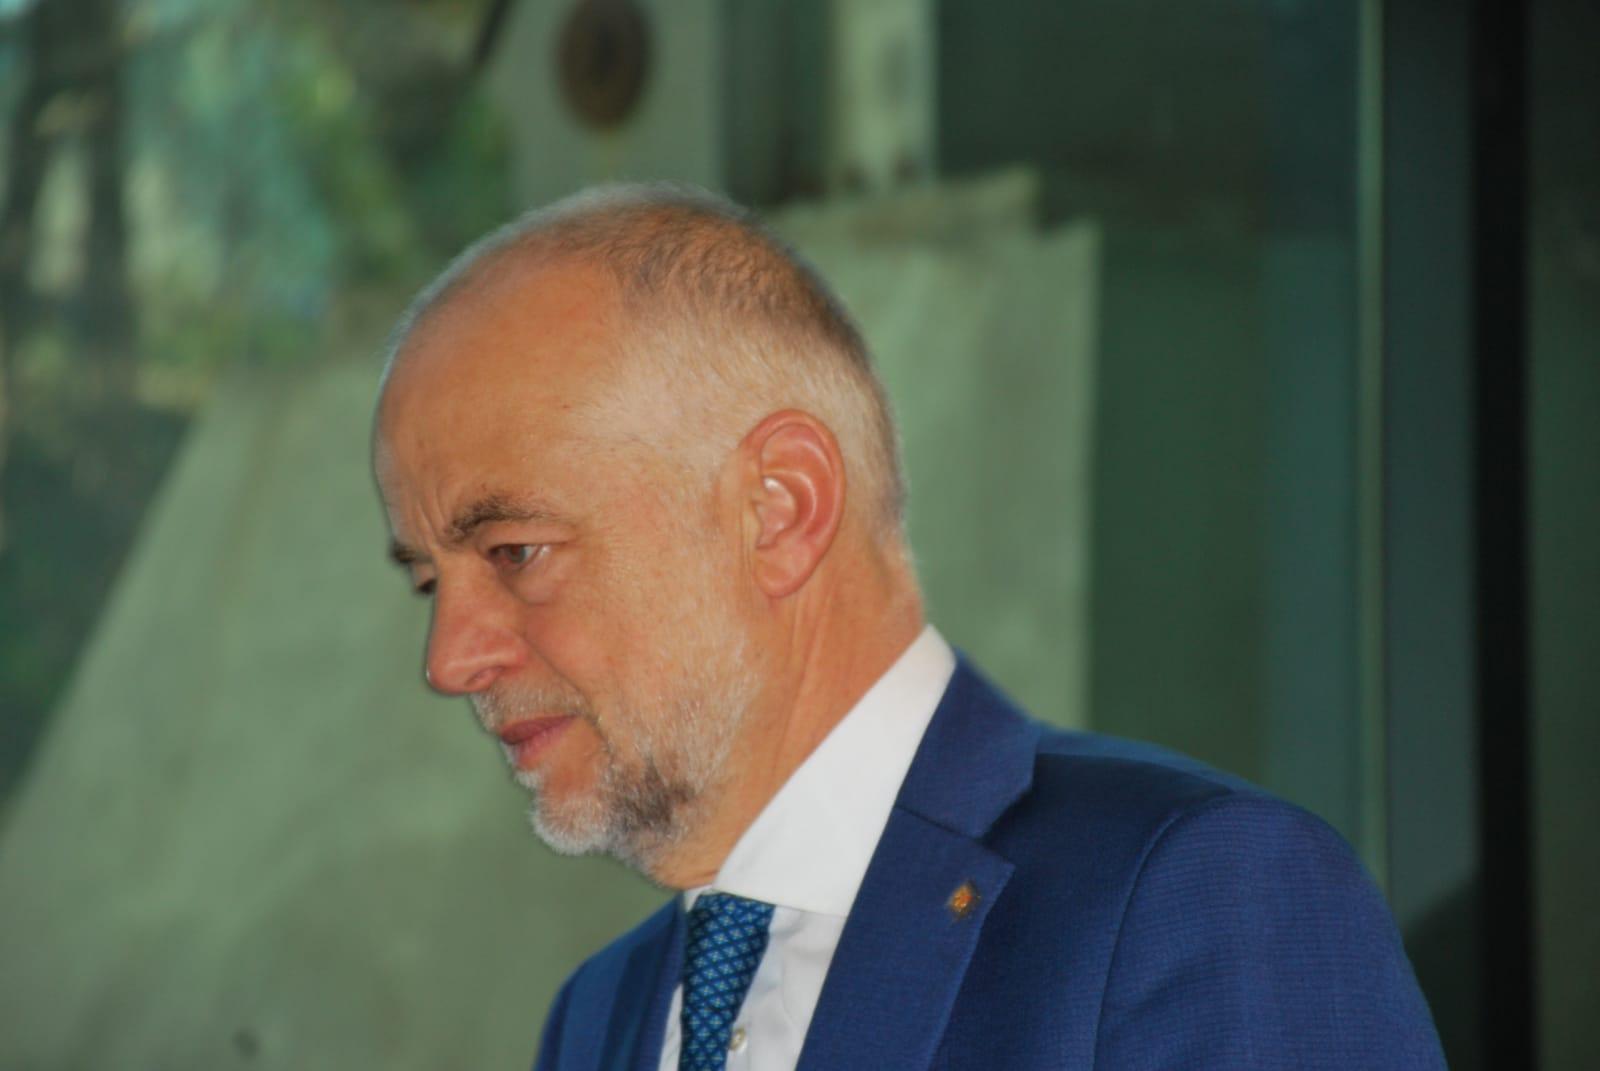 Avis Terni, la centesima donazione del presidente Patrizio Fratini